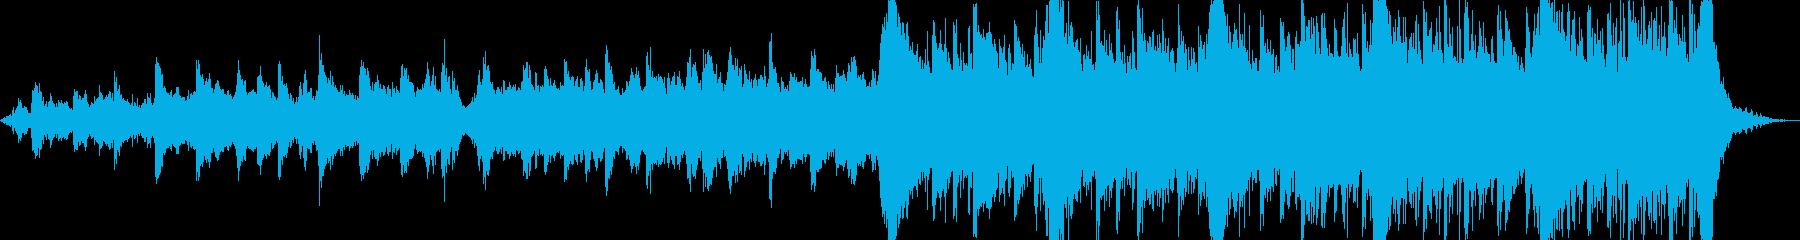 動画 サスペンス 説明的 やる気 ...の再生済みの波形